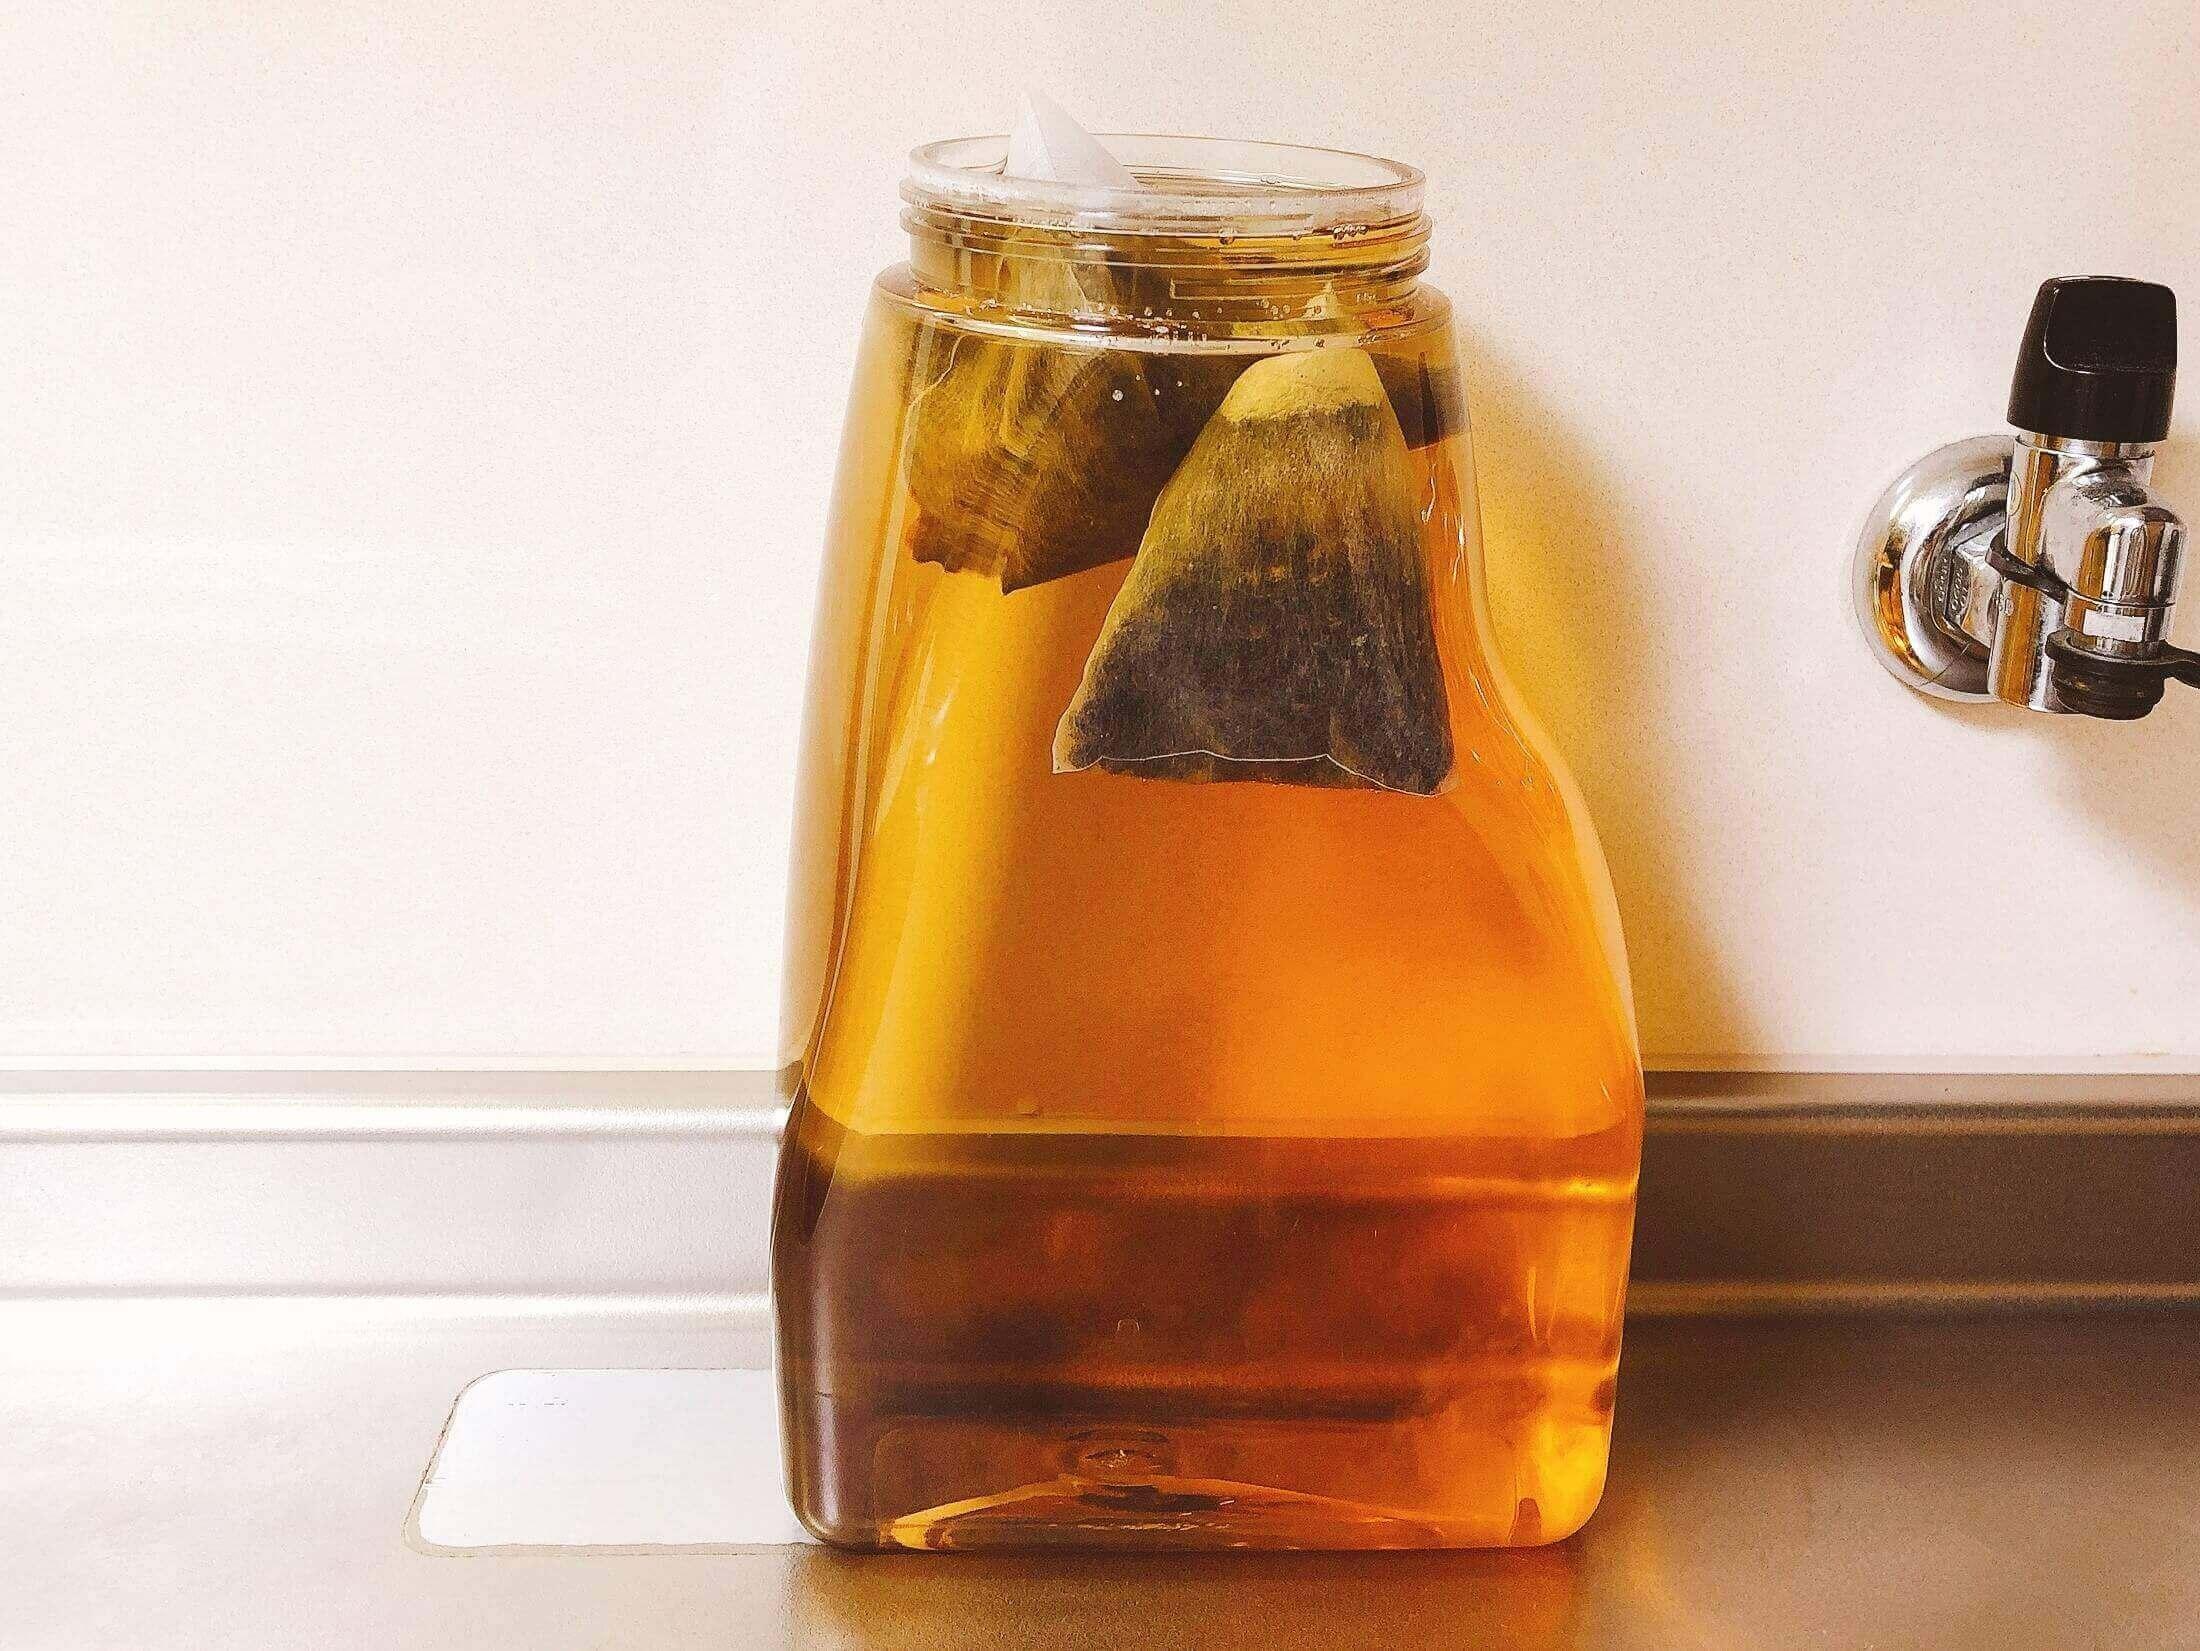 丸粒麦茶に熱湯を注いだ直後